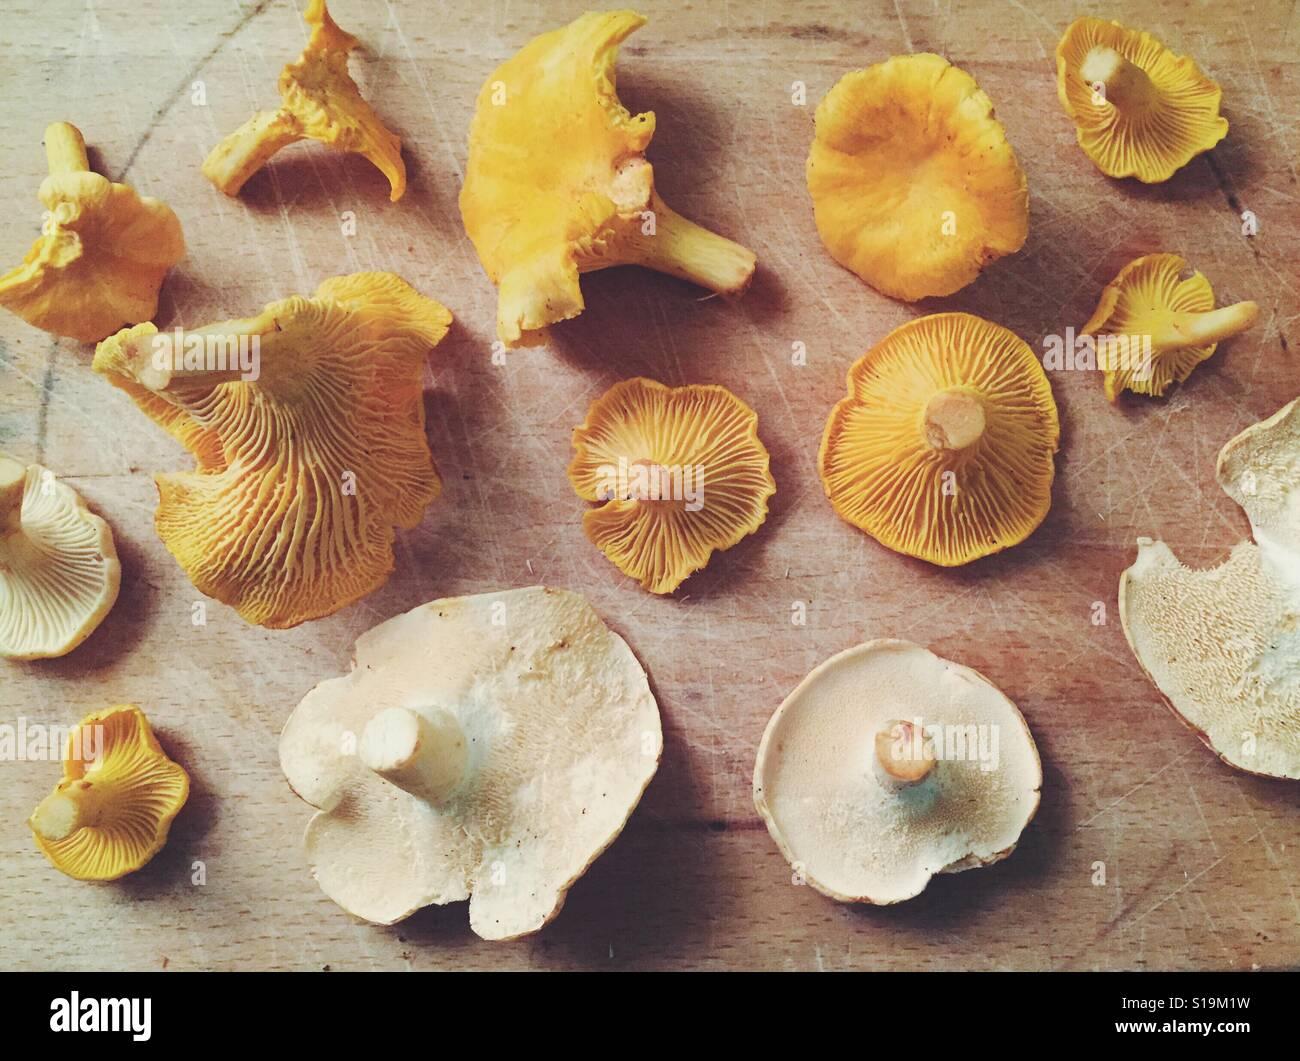 Funghi Foraged su un tagliere. Foto Stock